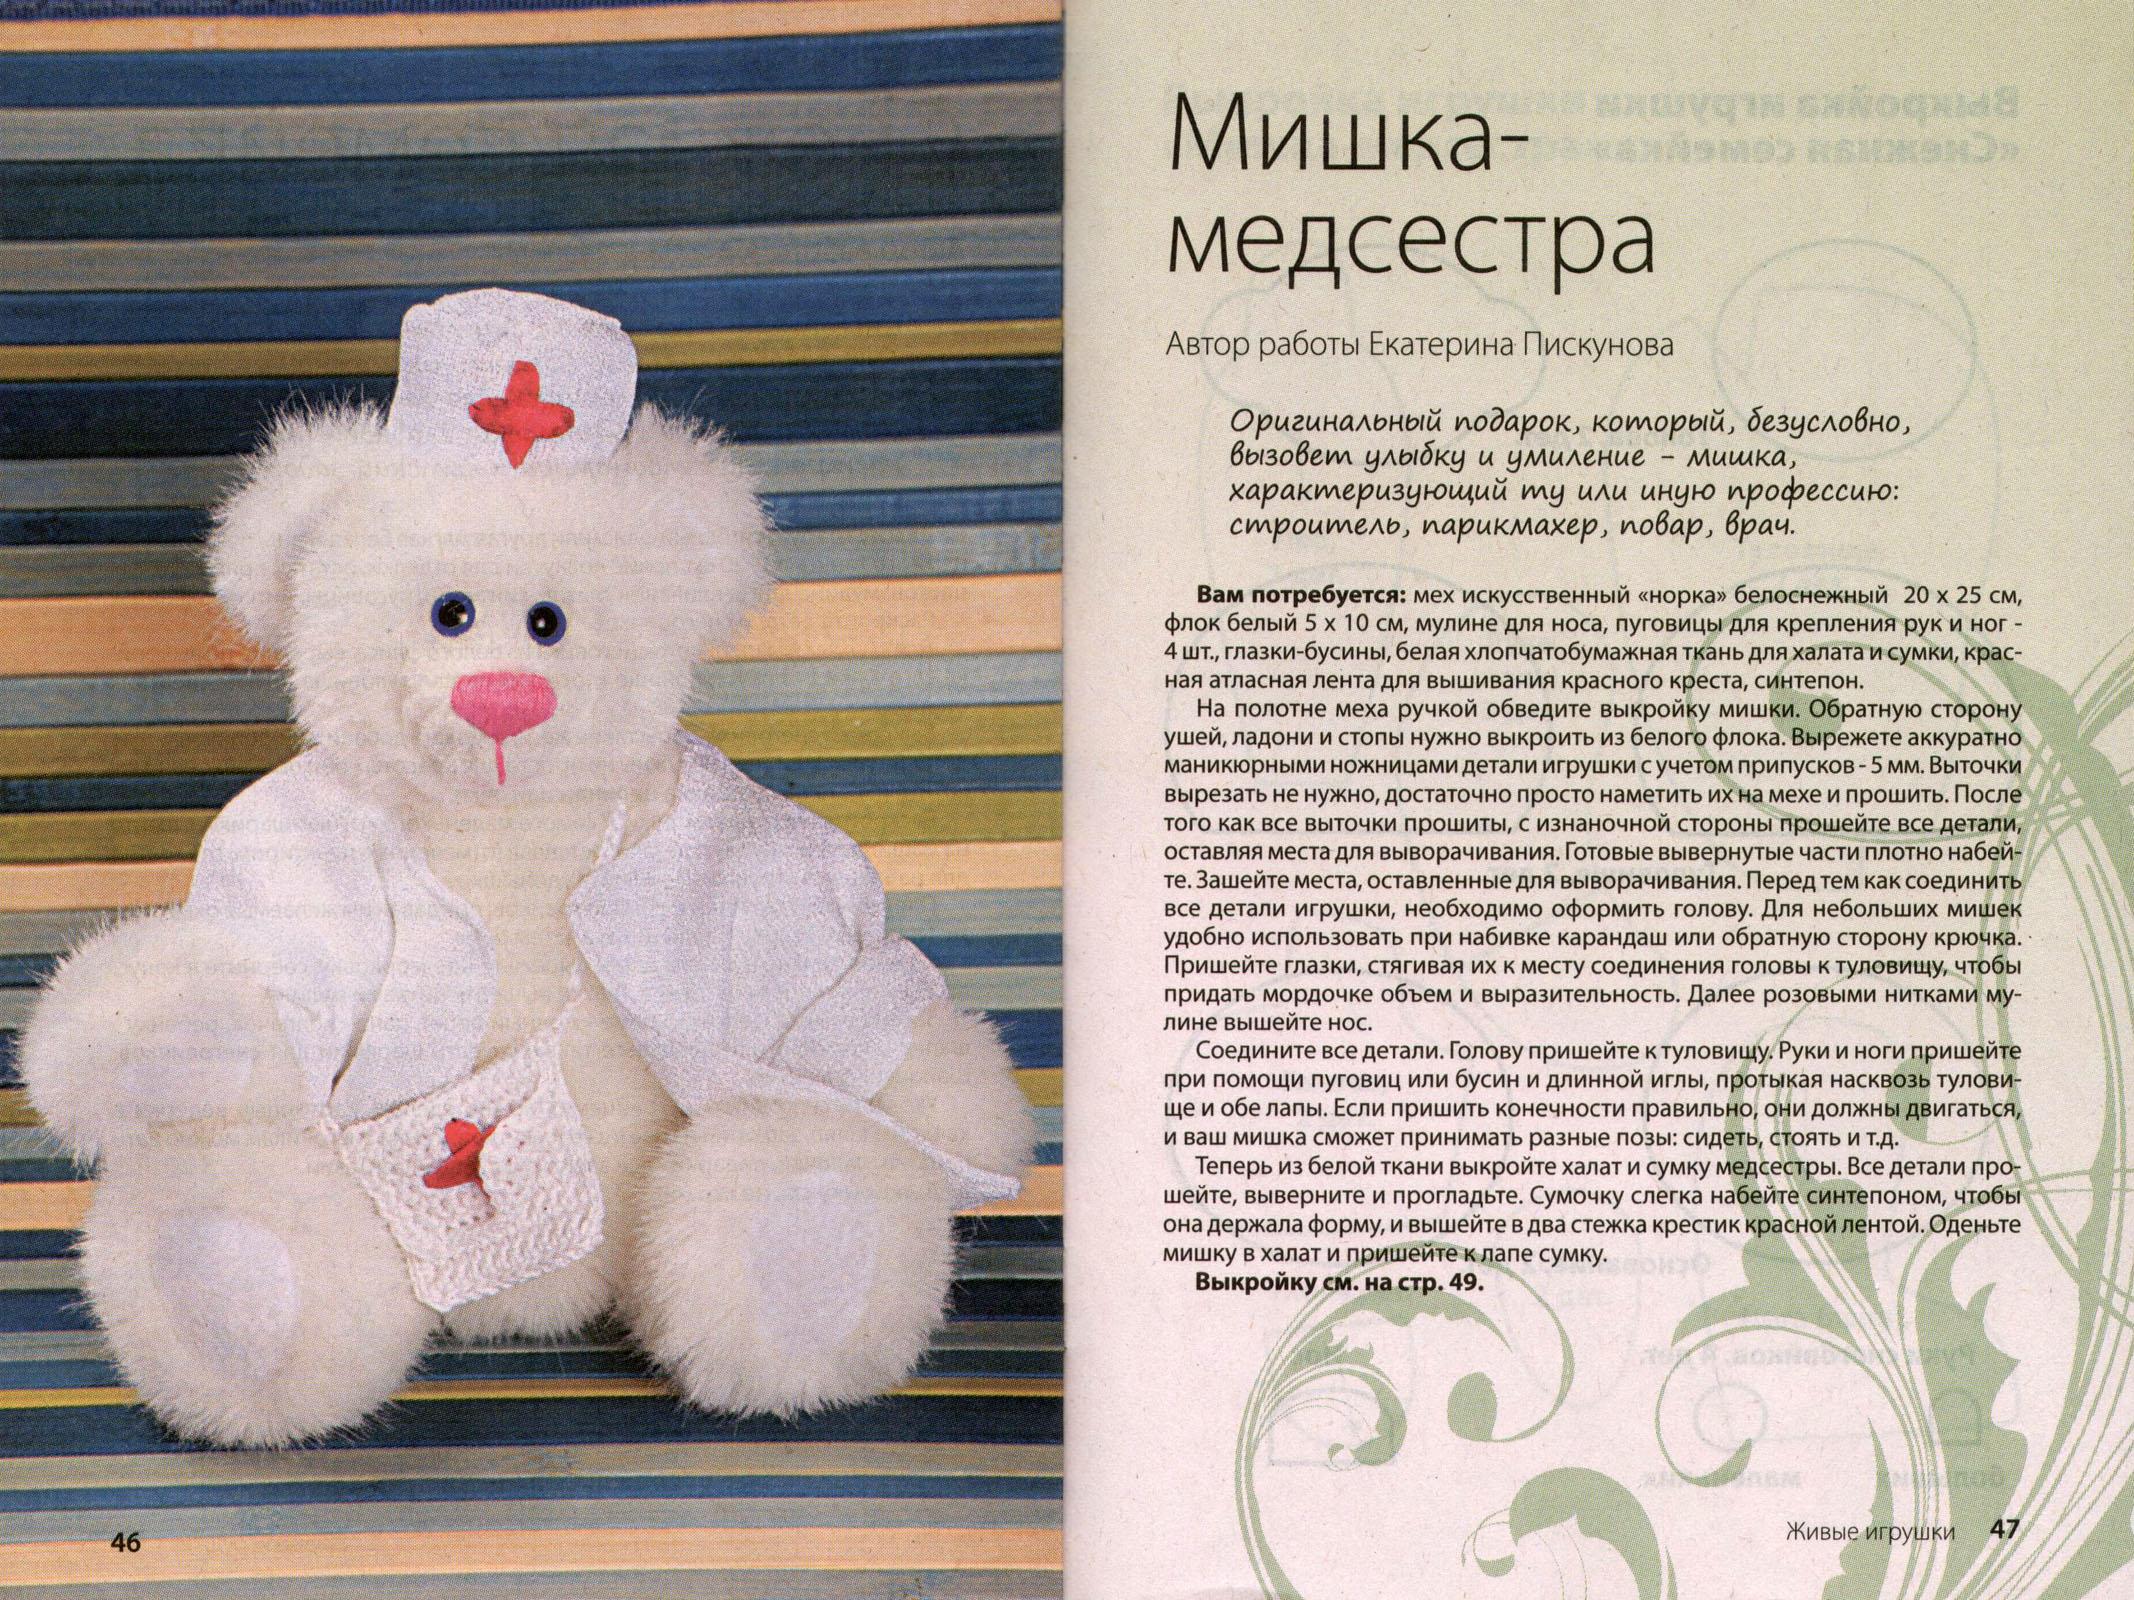 Как сделать выкройку медведя и сшить плюшевую и мягкую игрушку своими руками